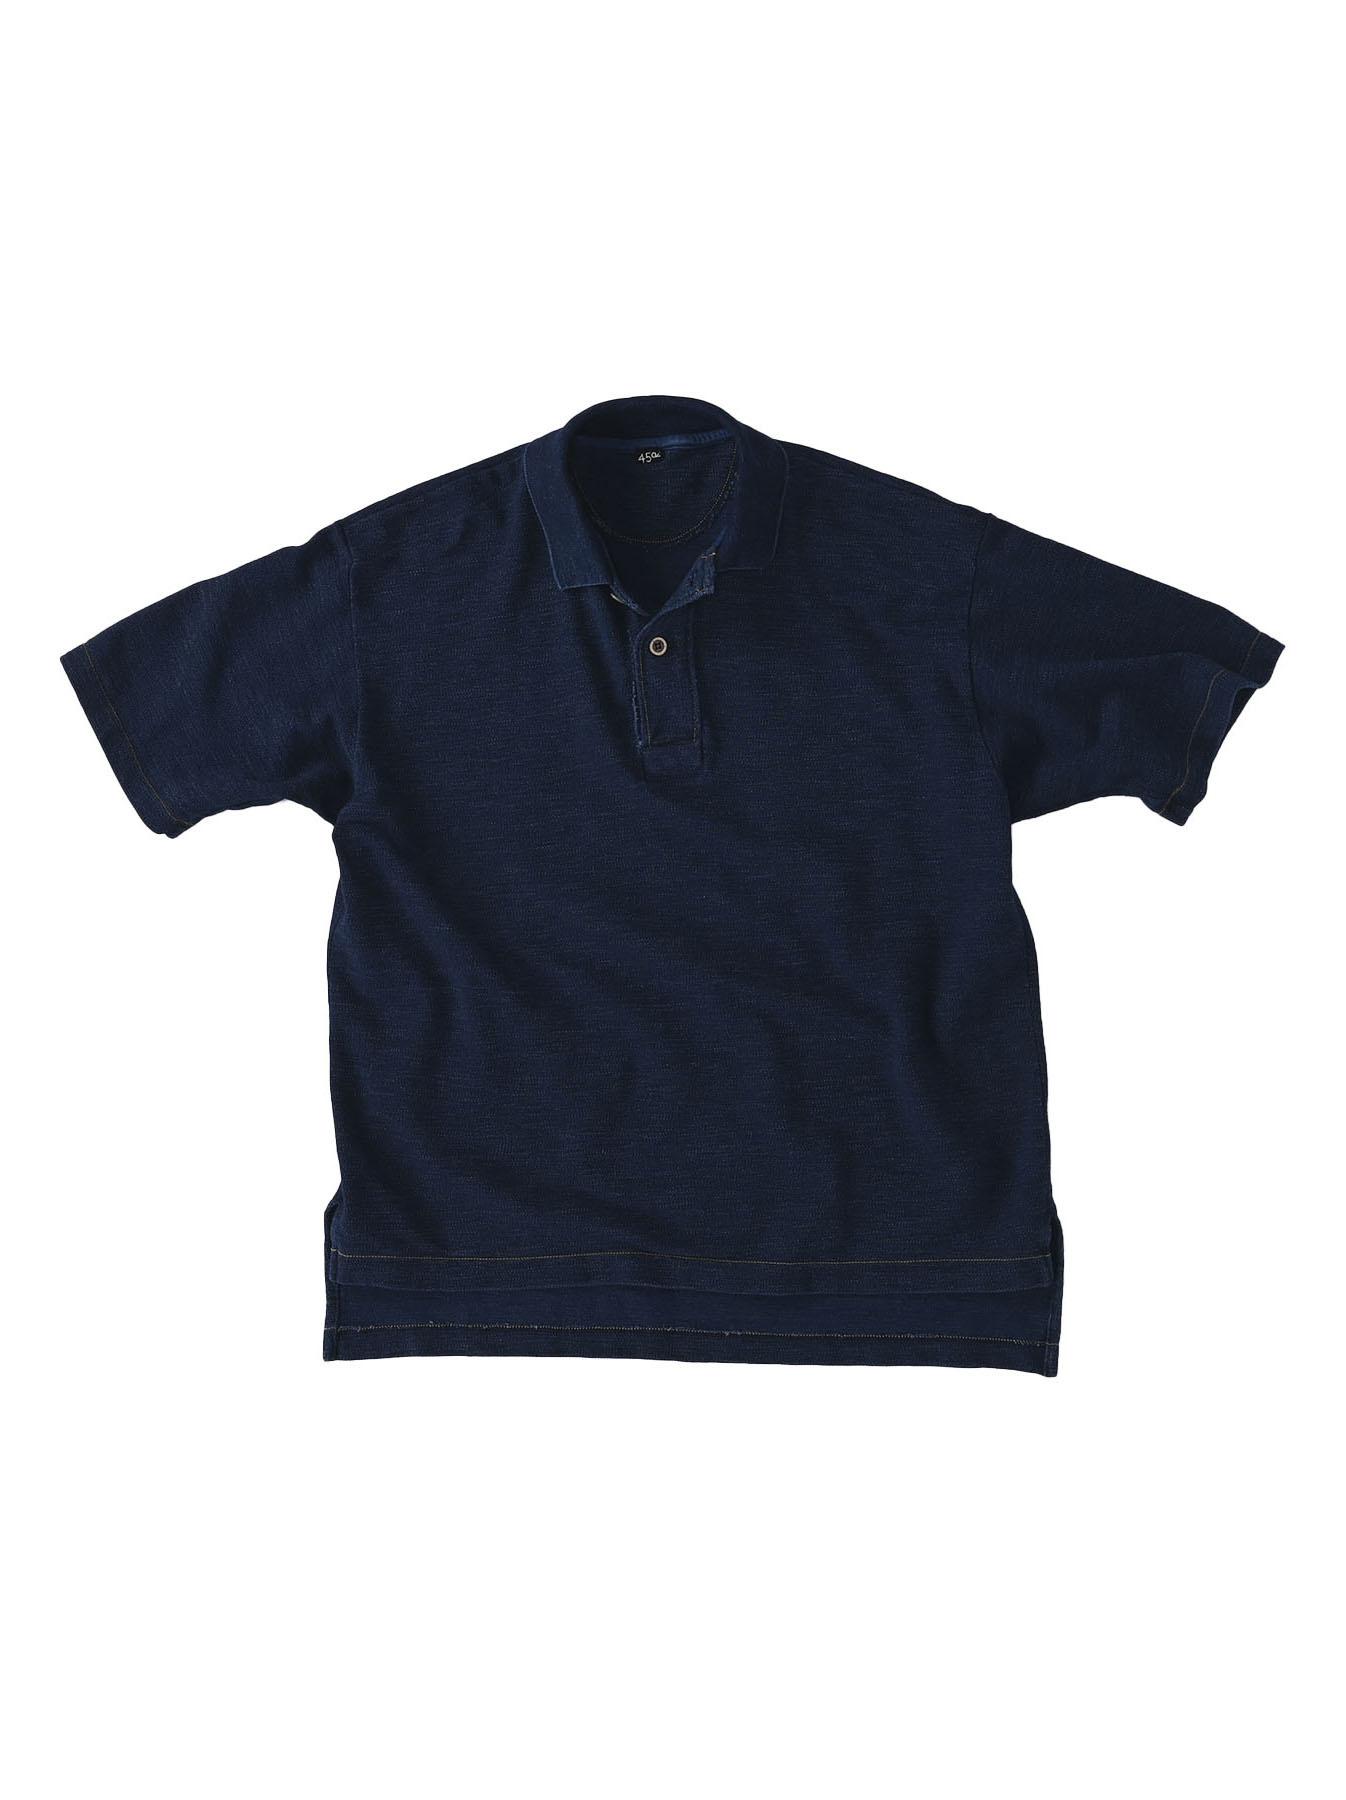 Indigo Kanoko Ocean Shiokaze Short-sleeved Polo Shirt (0521)-1